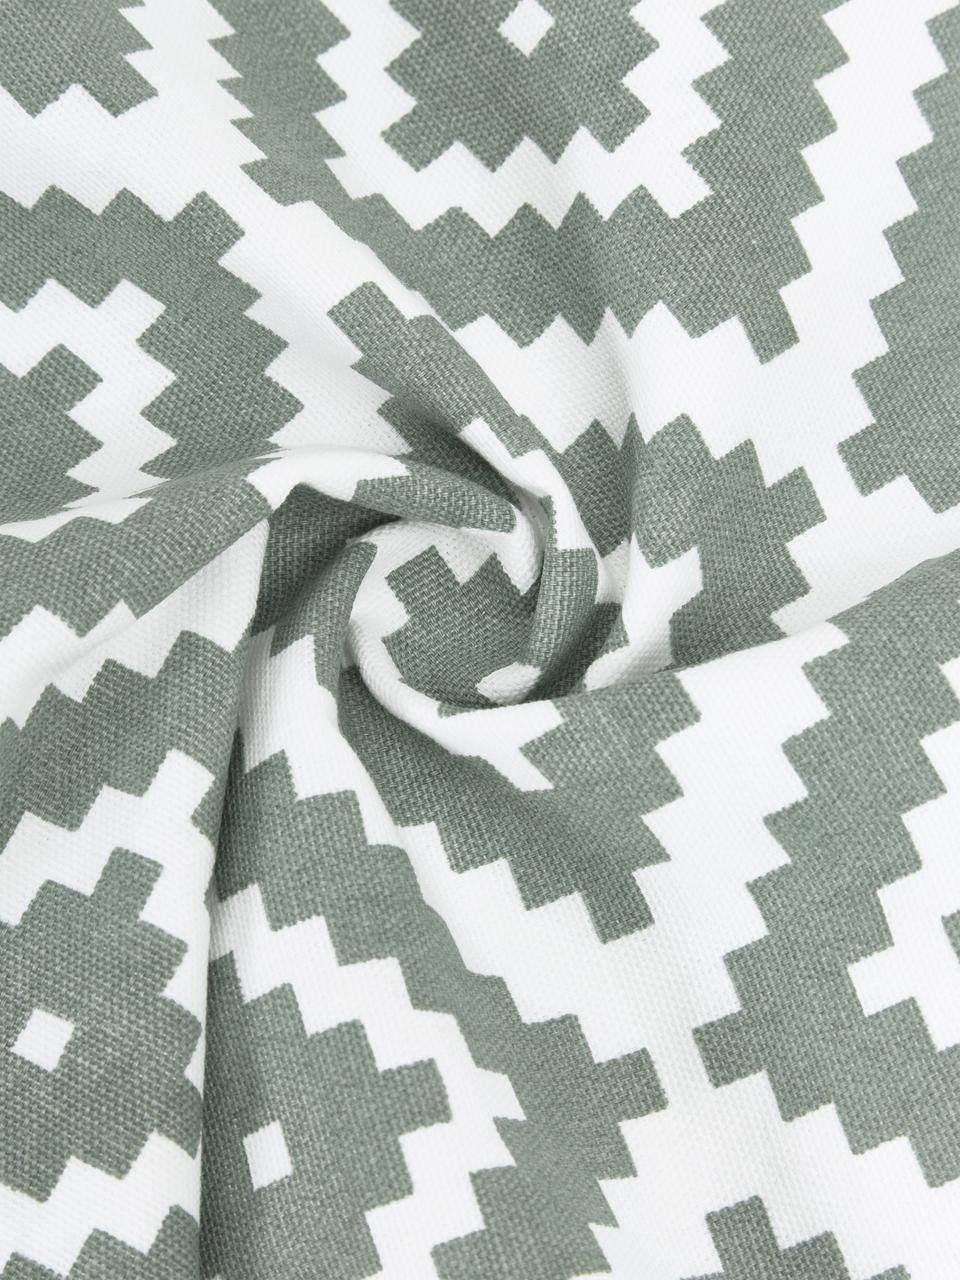 Kissenhülle Miami in Salbeigrün/Weiß, 100% Baumwolle, Grün, 45 x 45 cm